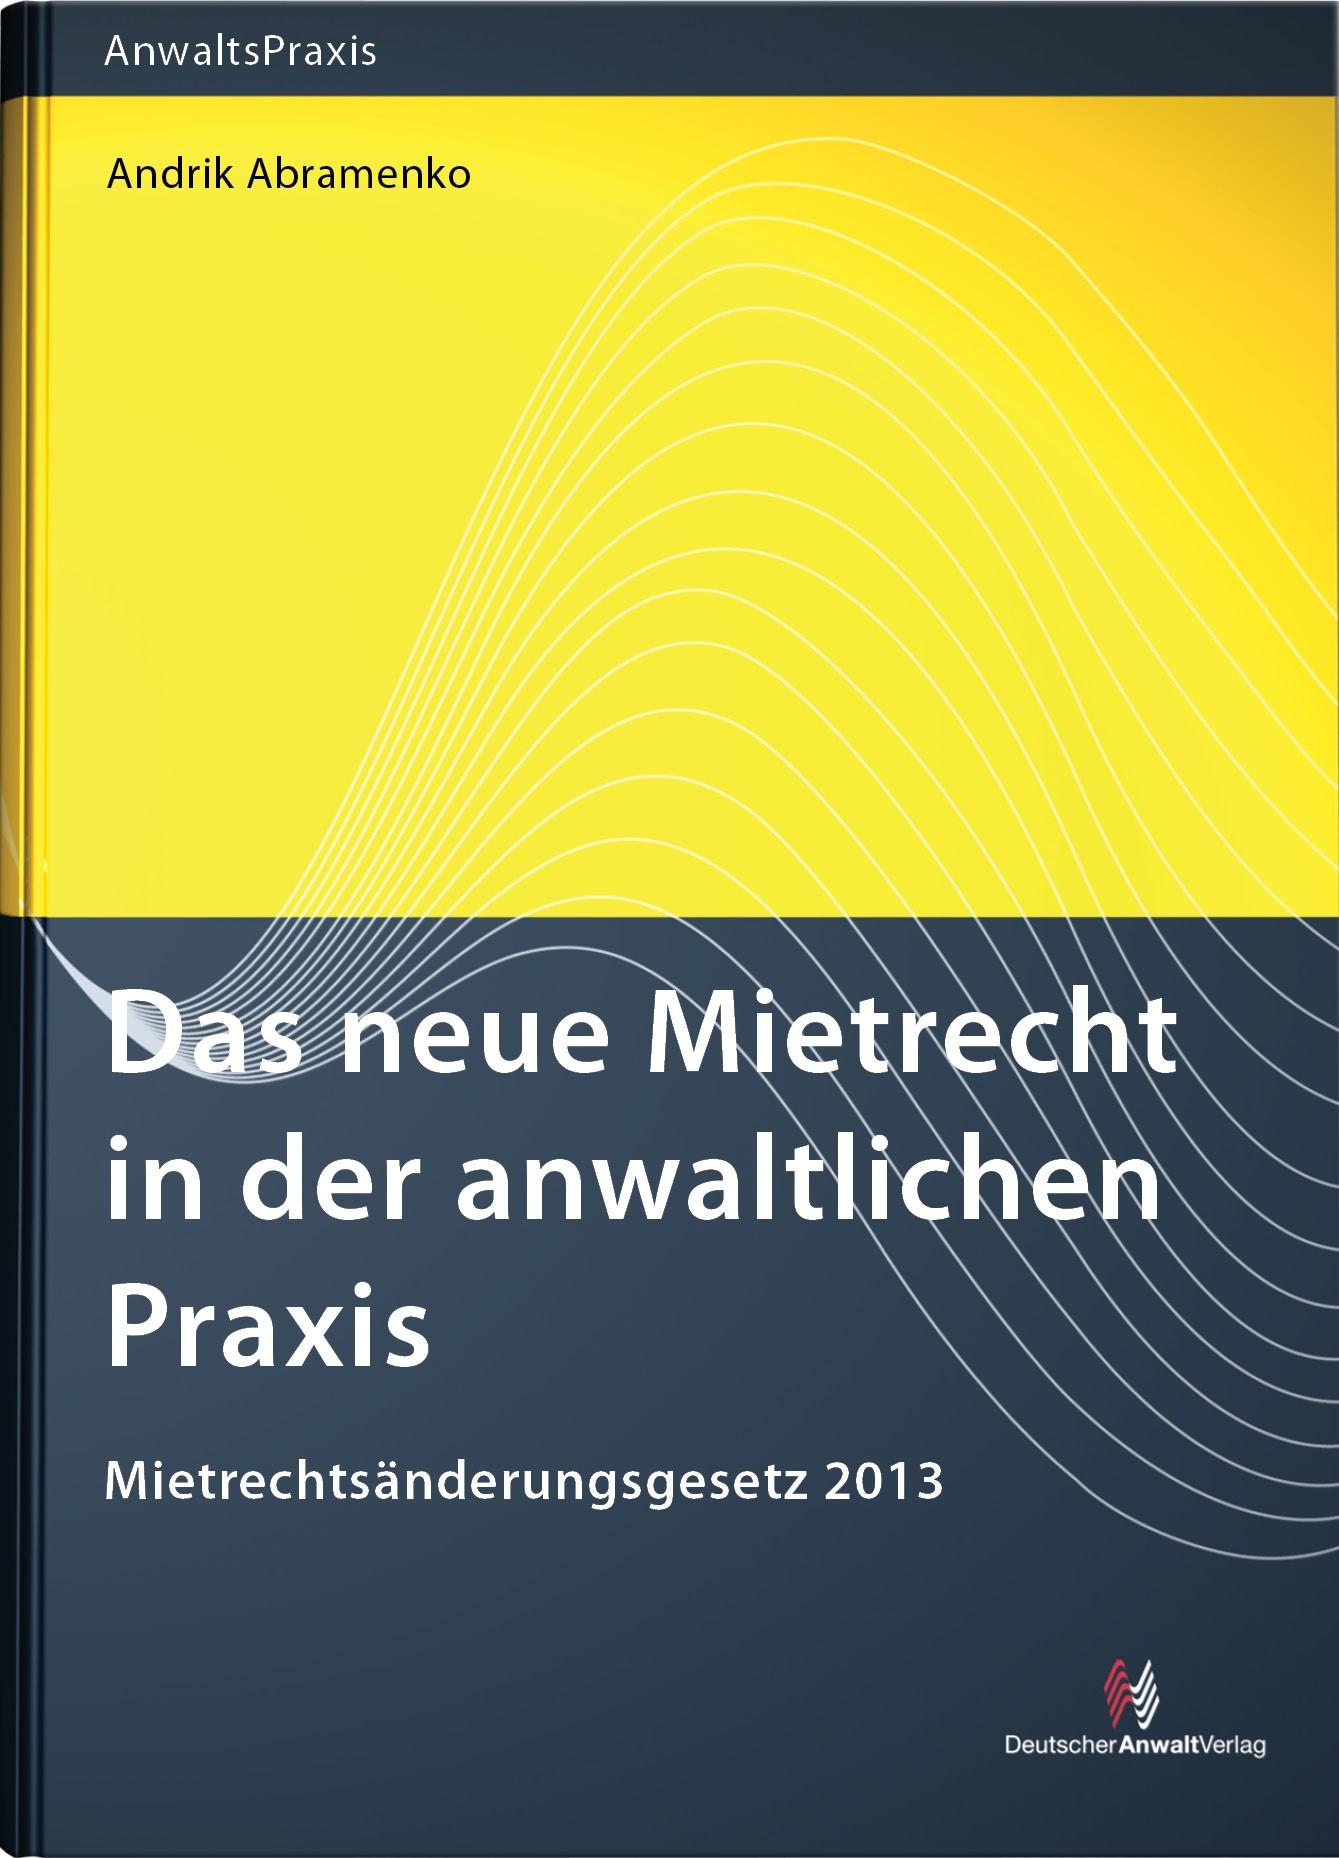 Das neue Mietrecht in der anwaltlichen Praxis | Abramenko, 2013 | Buch (Cover)